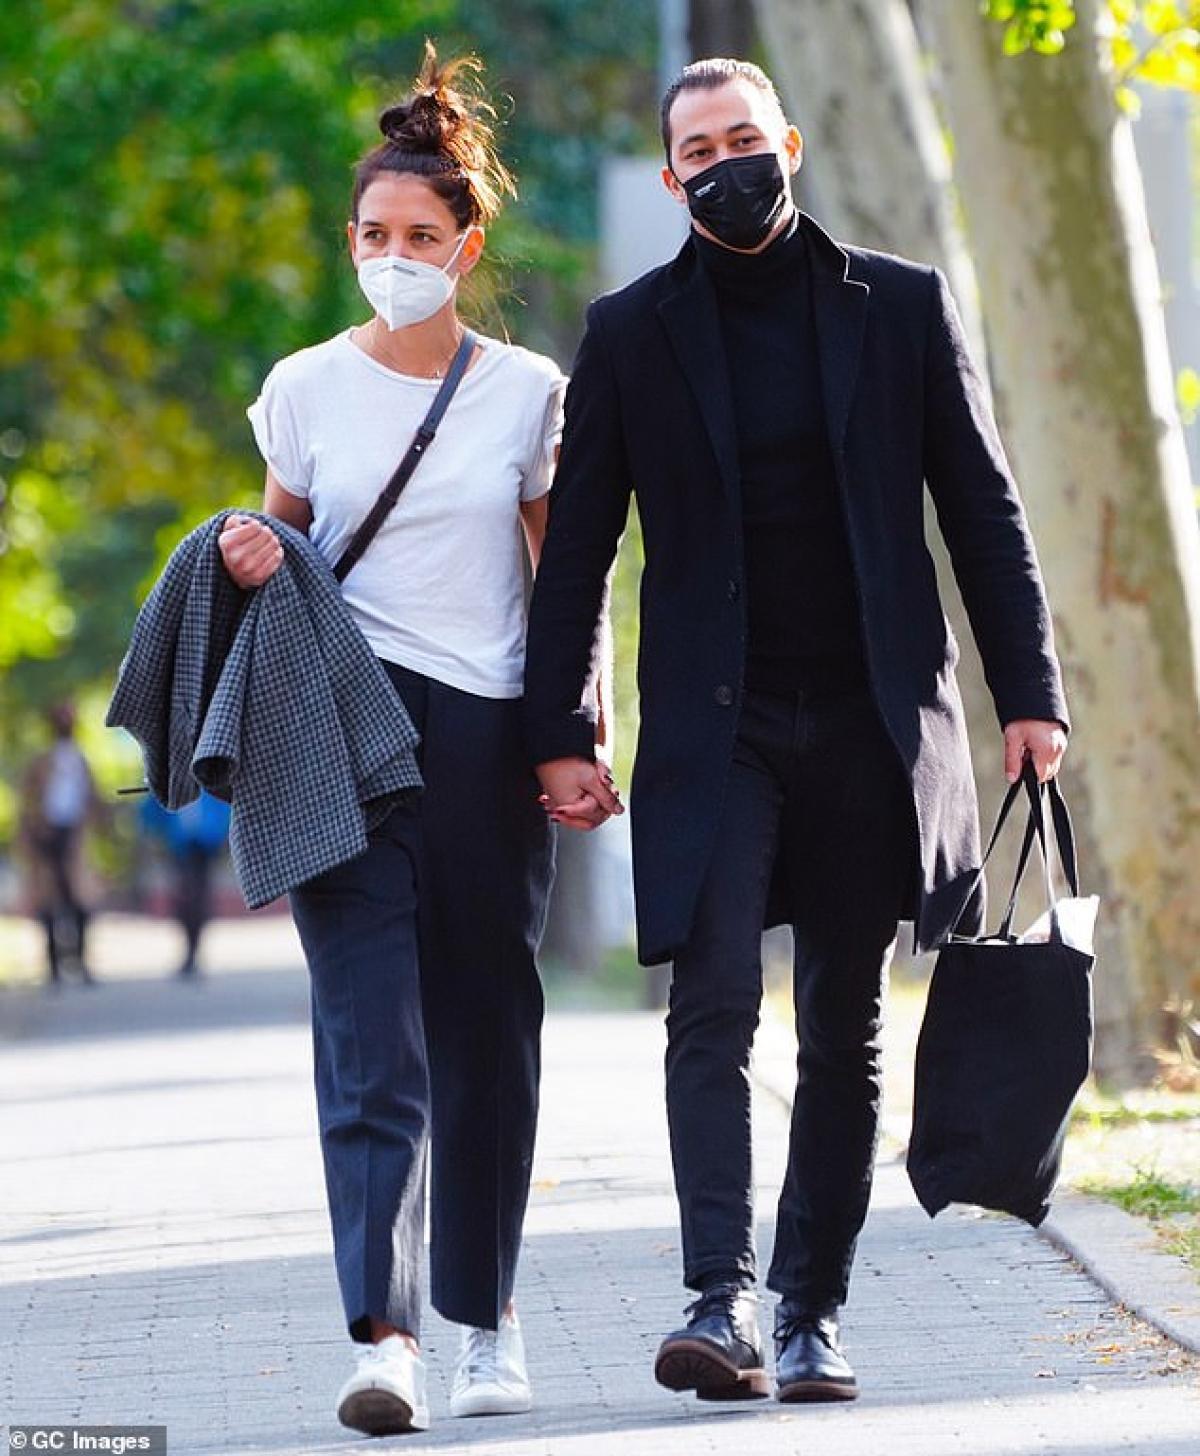 Katie Holmes thân mật khoác tay tình trẻ đi dạo dưới tiết trời thu tuyệt đẹp Ảnh 6